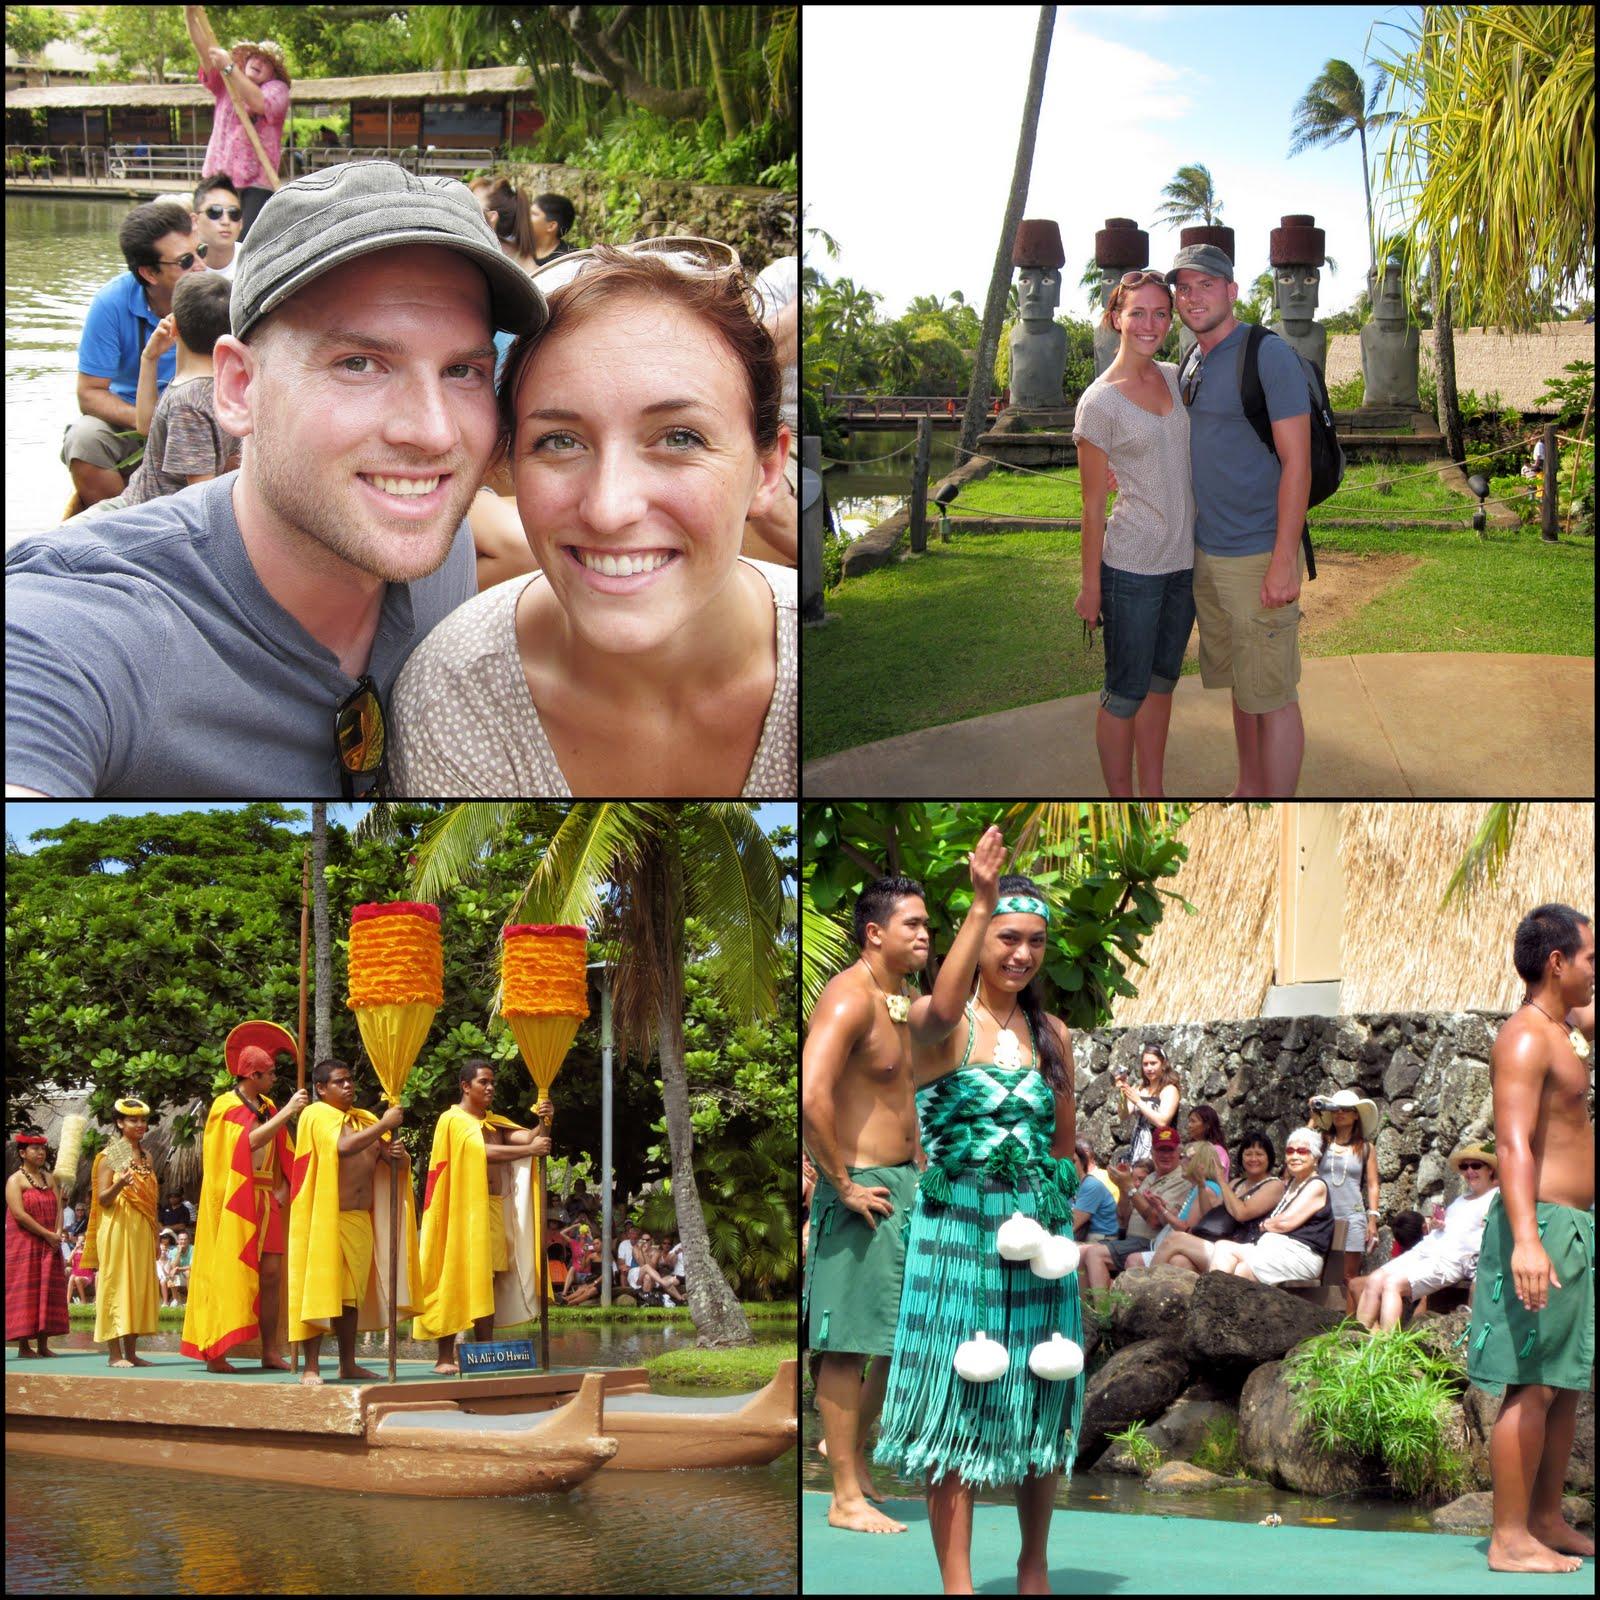 http://2.bp.blogspot.com/-mkqoYleAKmw/ThDG9RfyHTI/AAAAAAAAAz8/iBhiYXHNpl8/s1600/Hawaii4.jpg